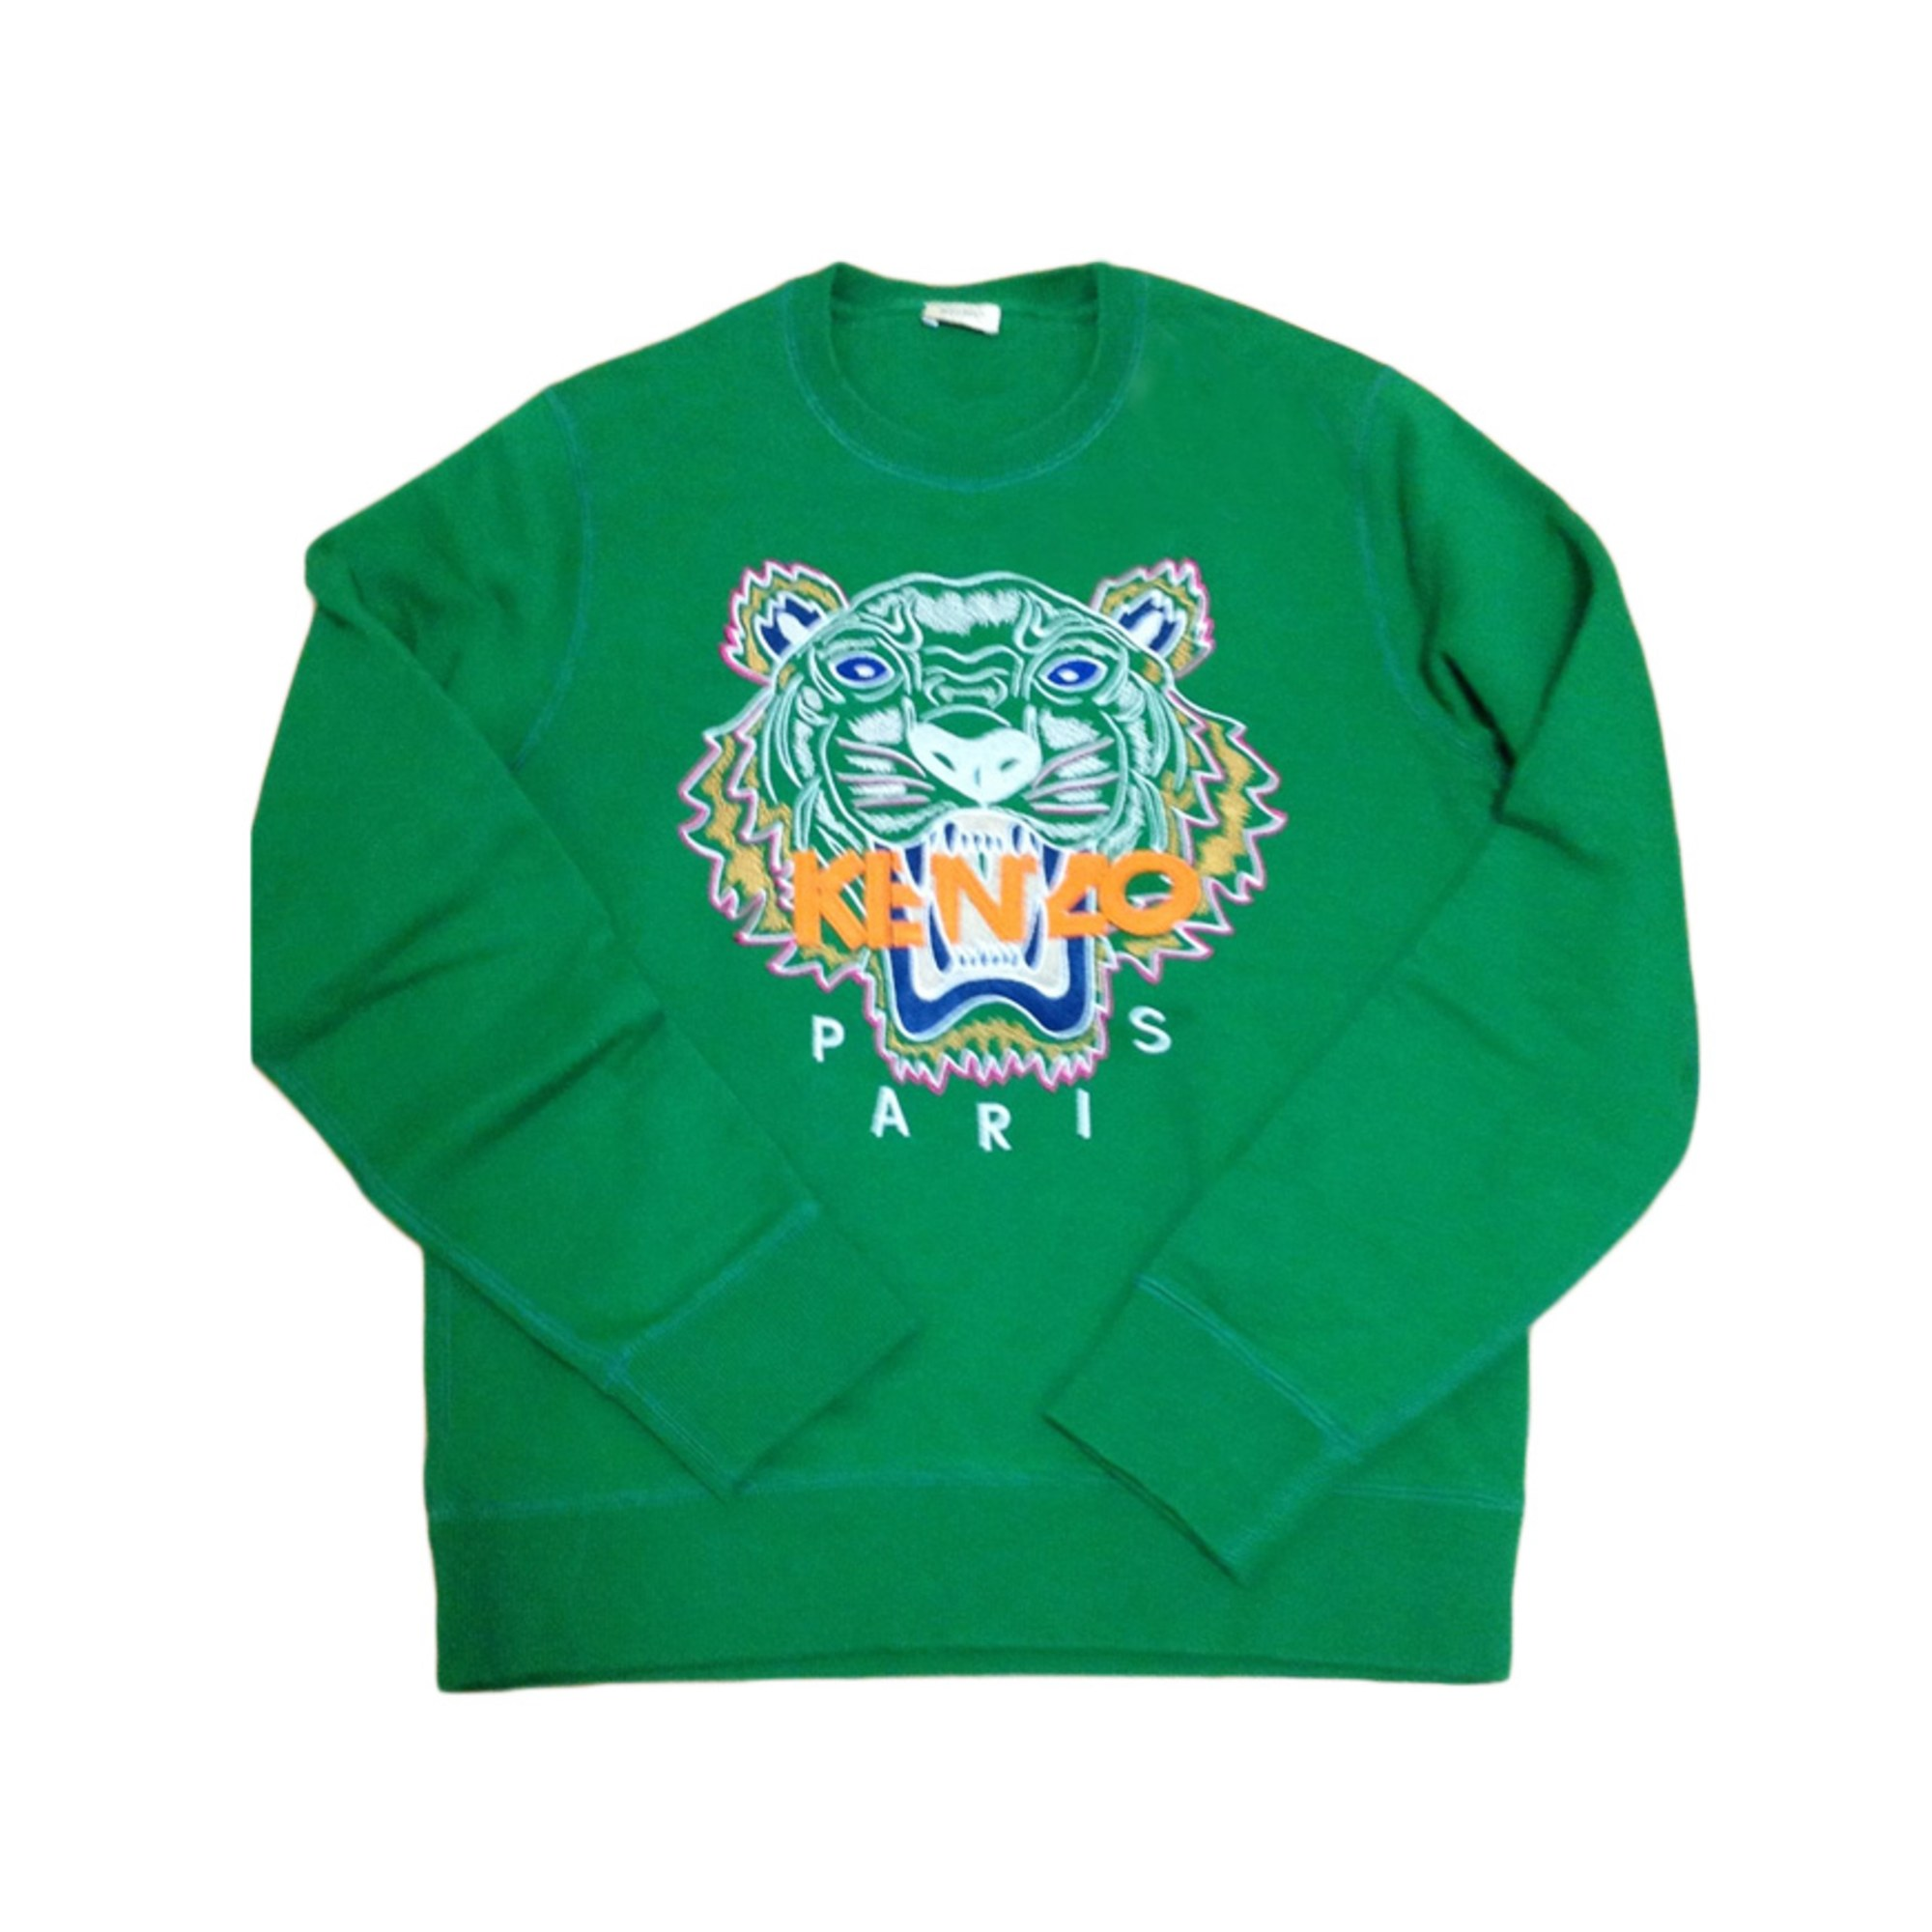 2dabb682fabf Sweat KENZO 38 (M, T2) vert vendu par Topdressing - 964416